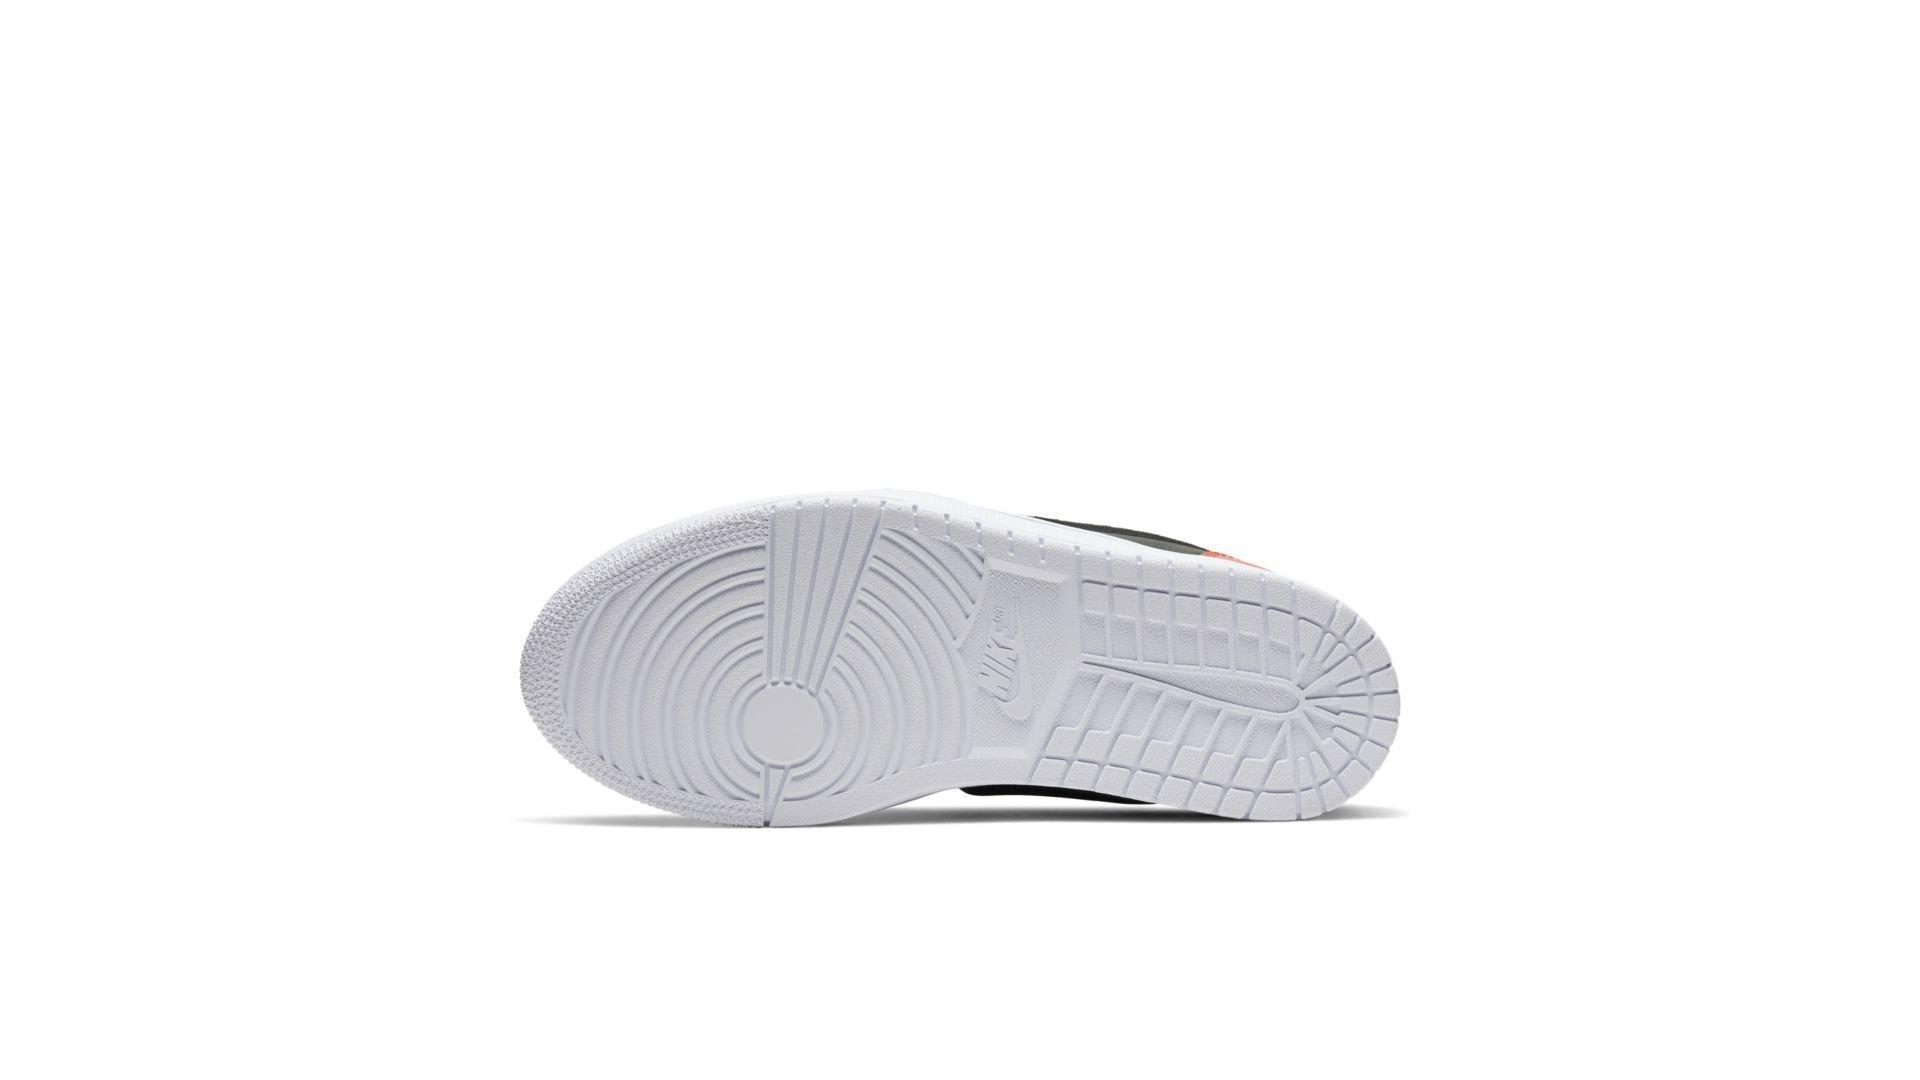 Jordan 1 Low Slip Black Hot Punch (W) (AV3918-600)